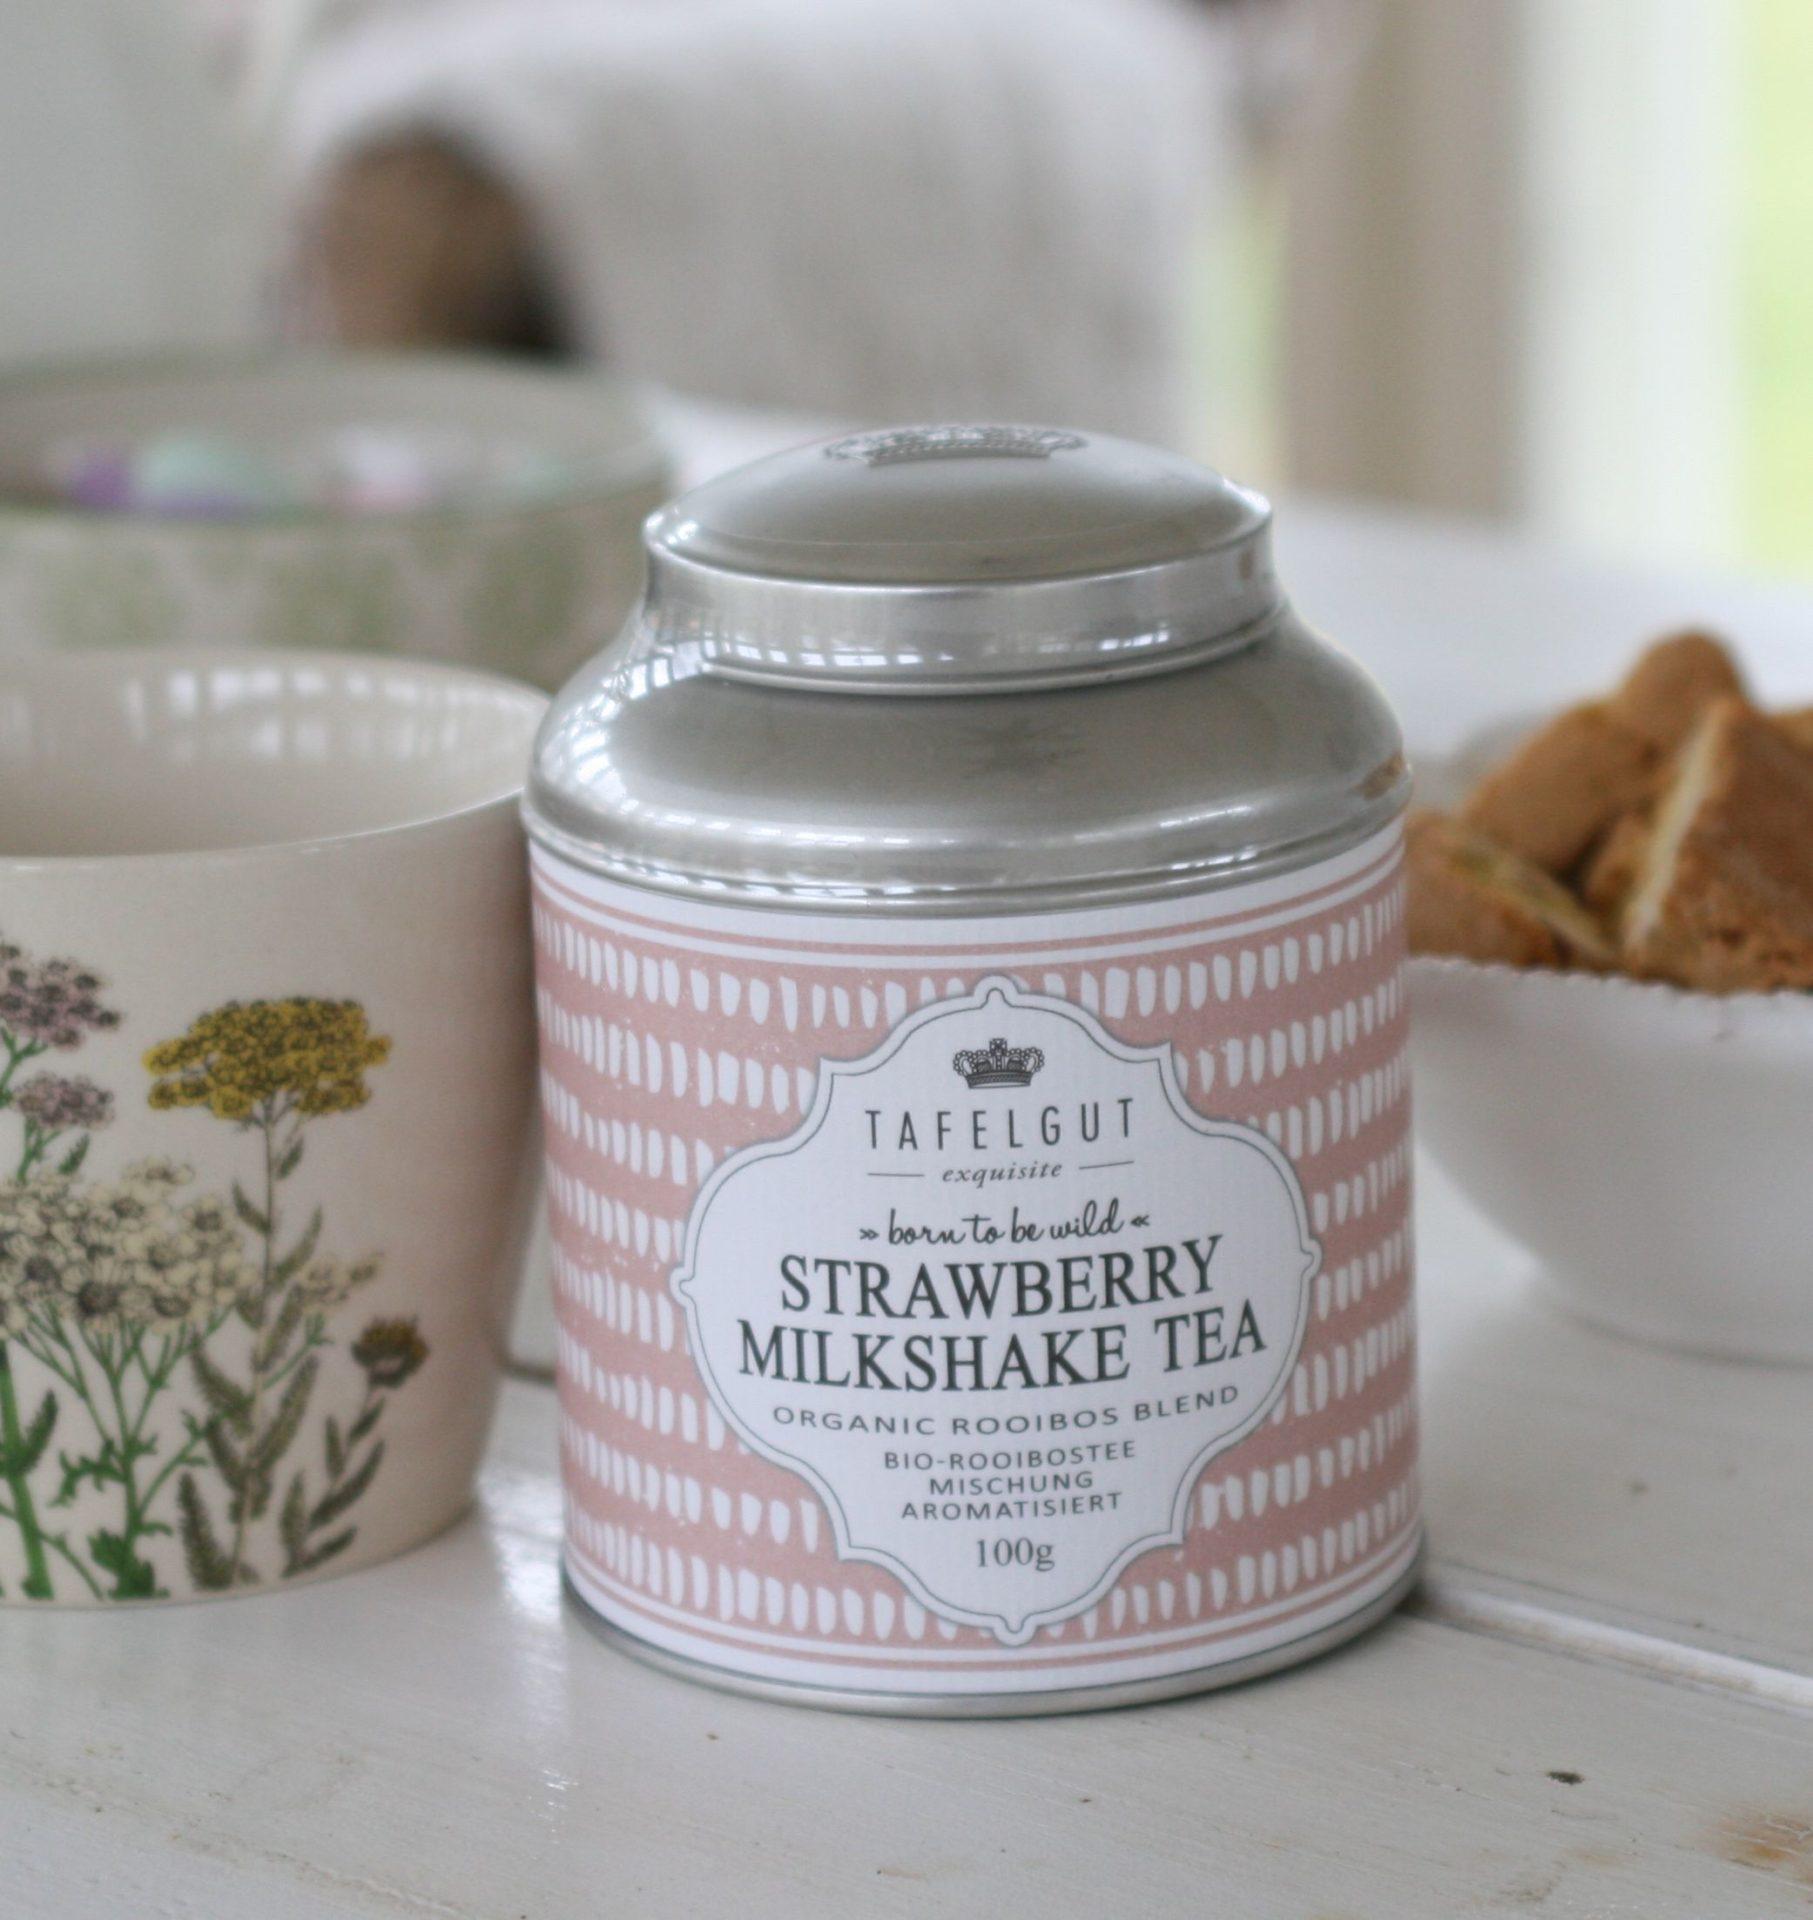 Tafelgut - Strawberry milkshake tea, Økologisk